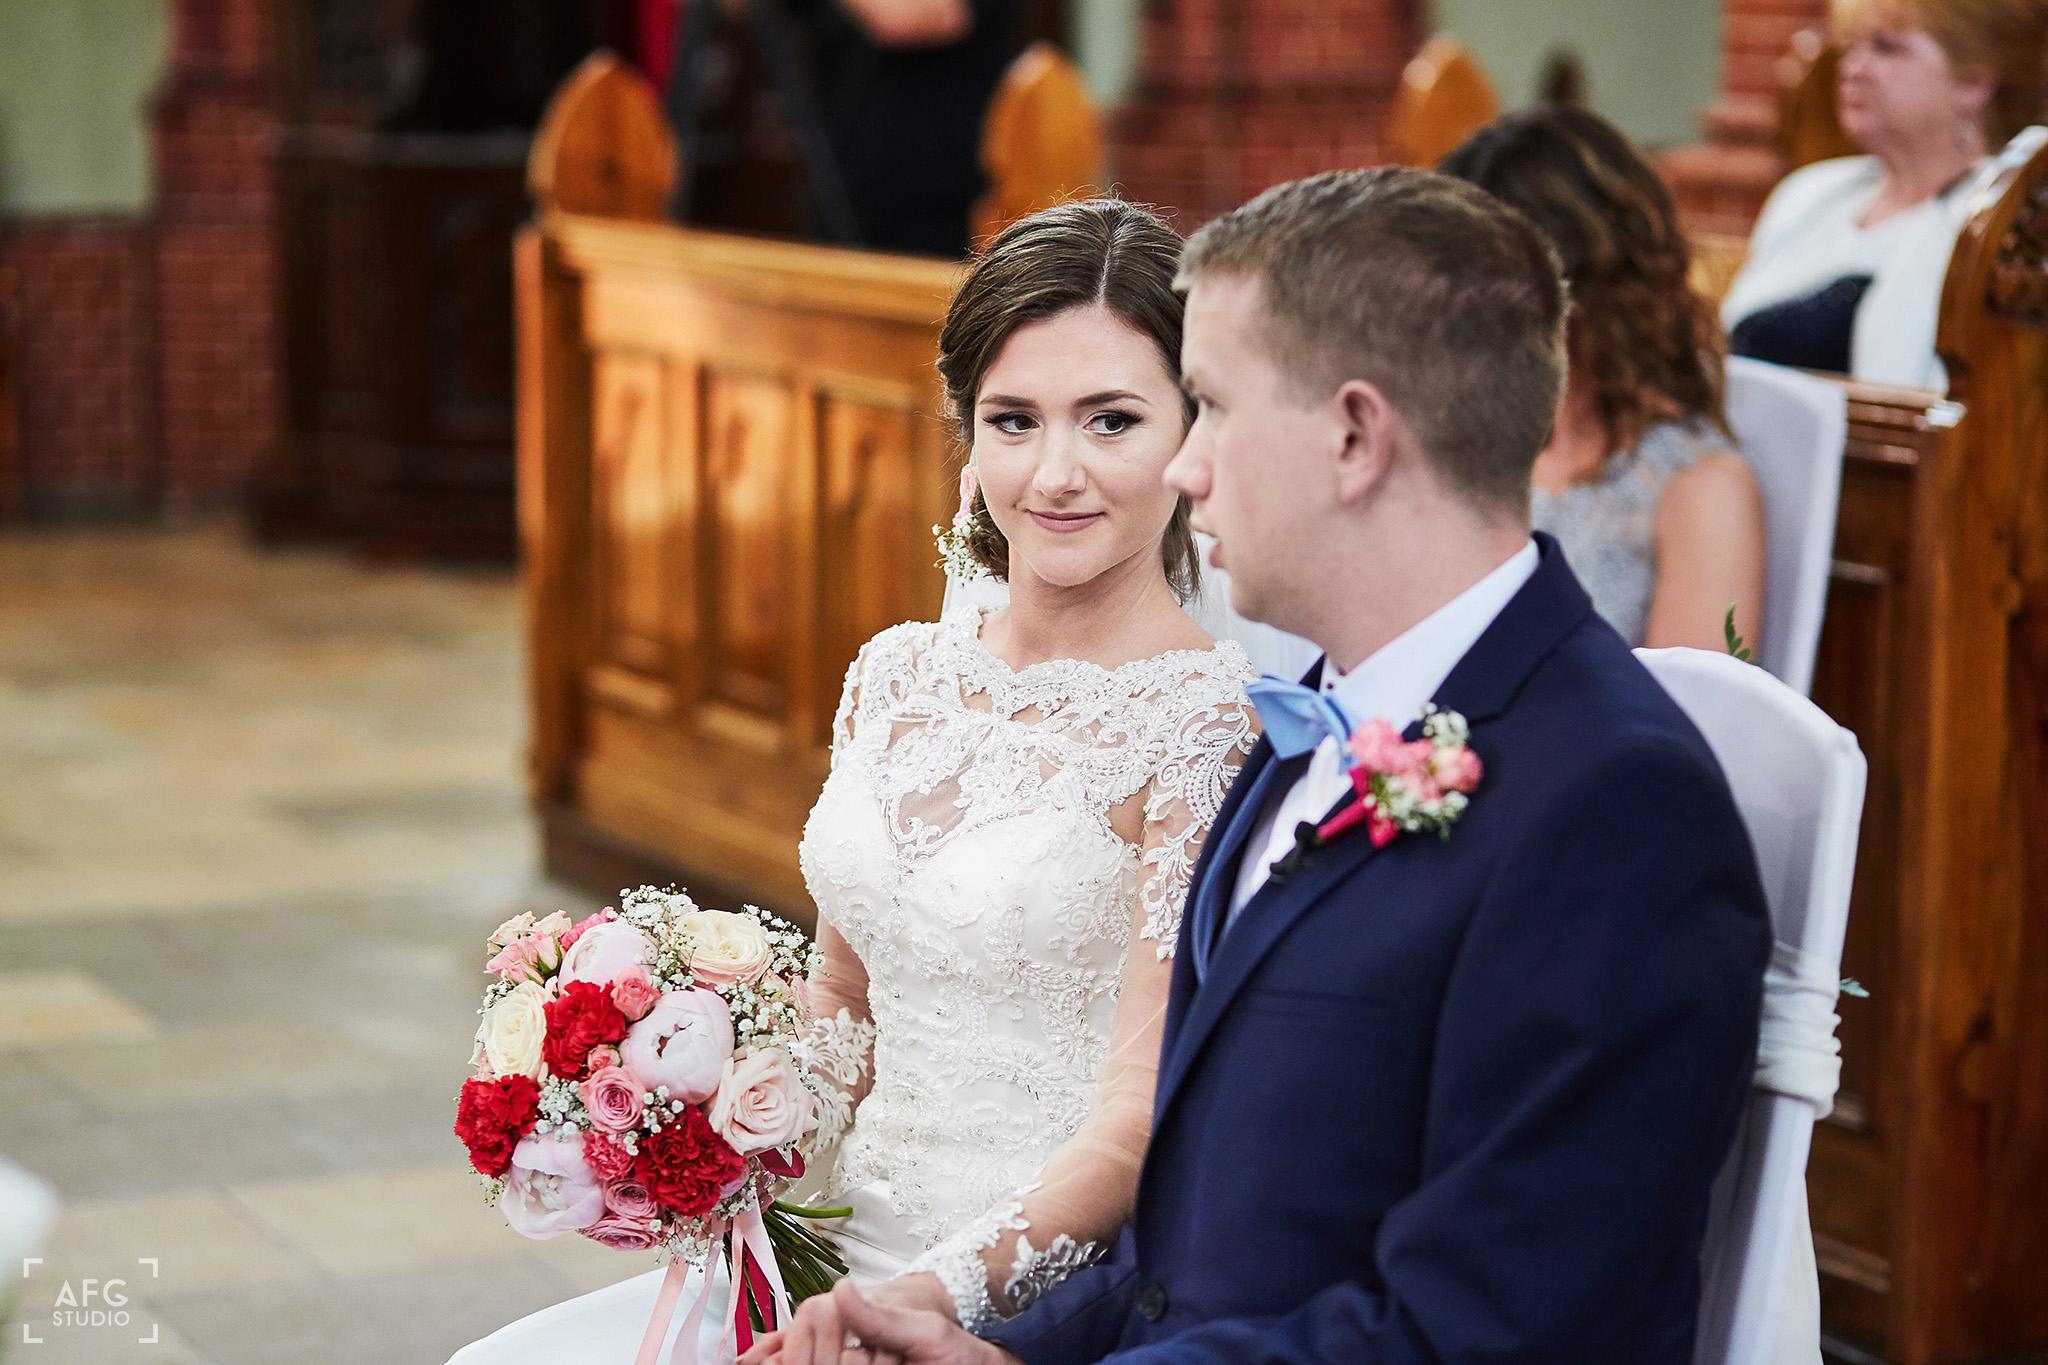 małżeństwo, bukiet ślubny, kościół